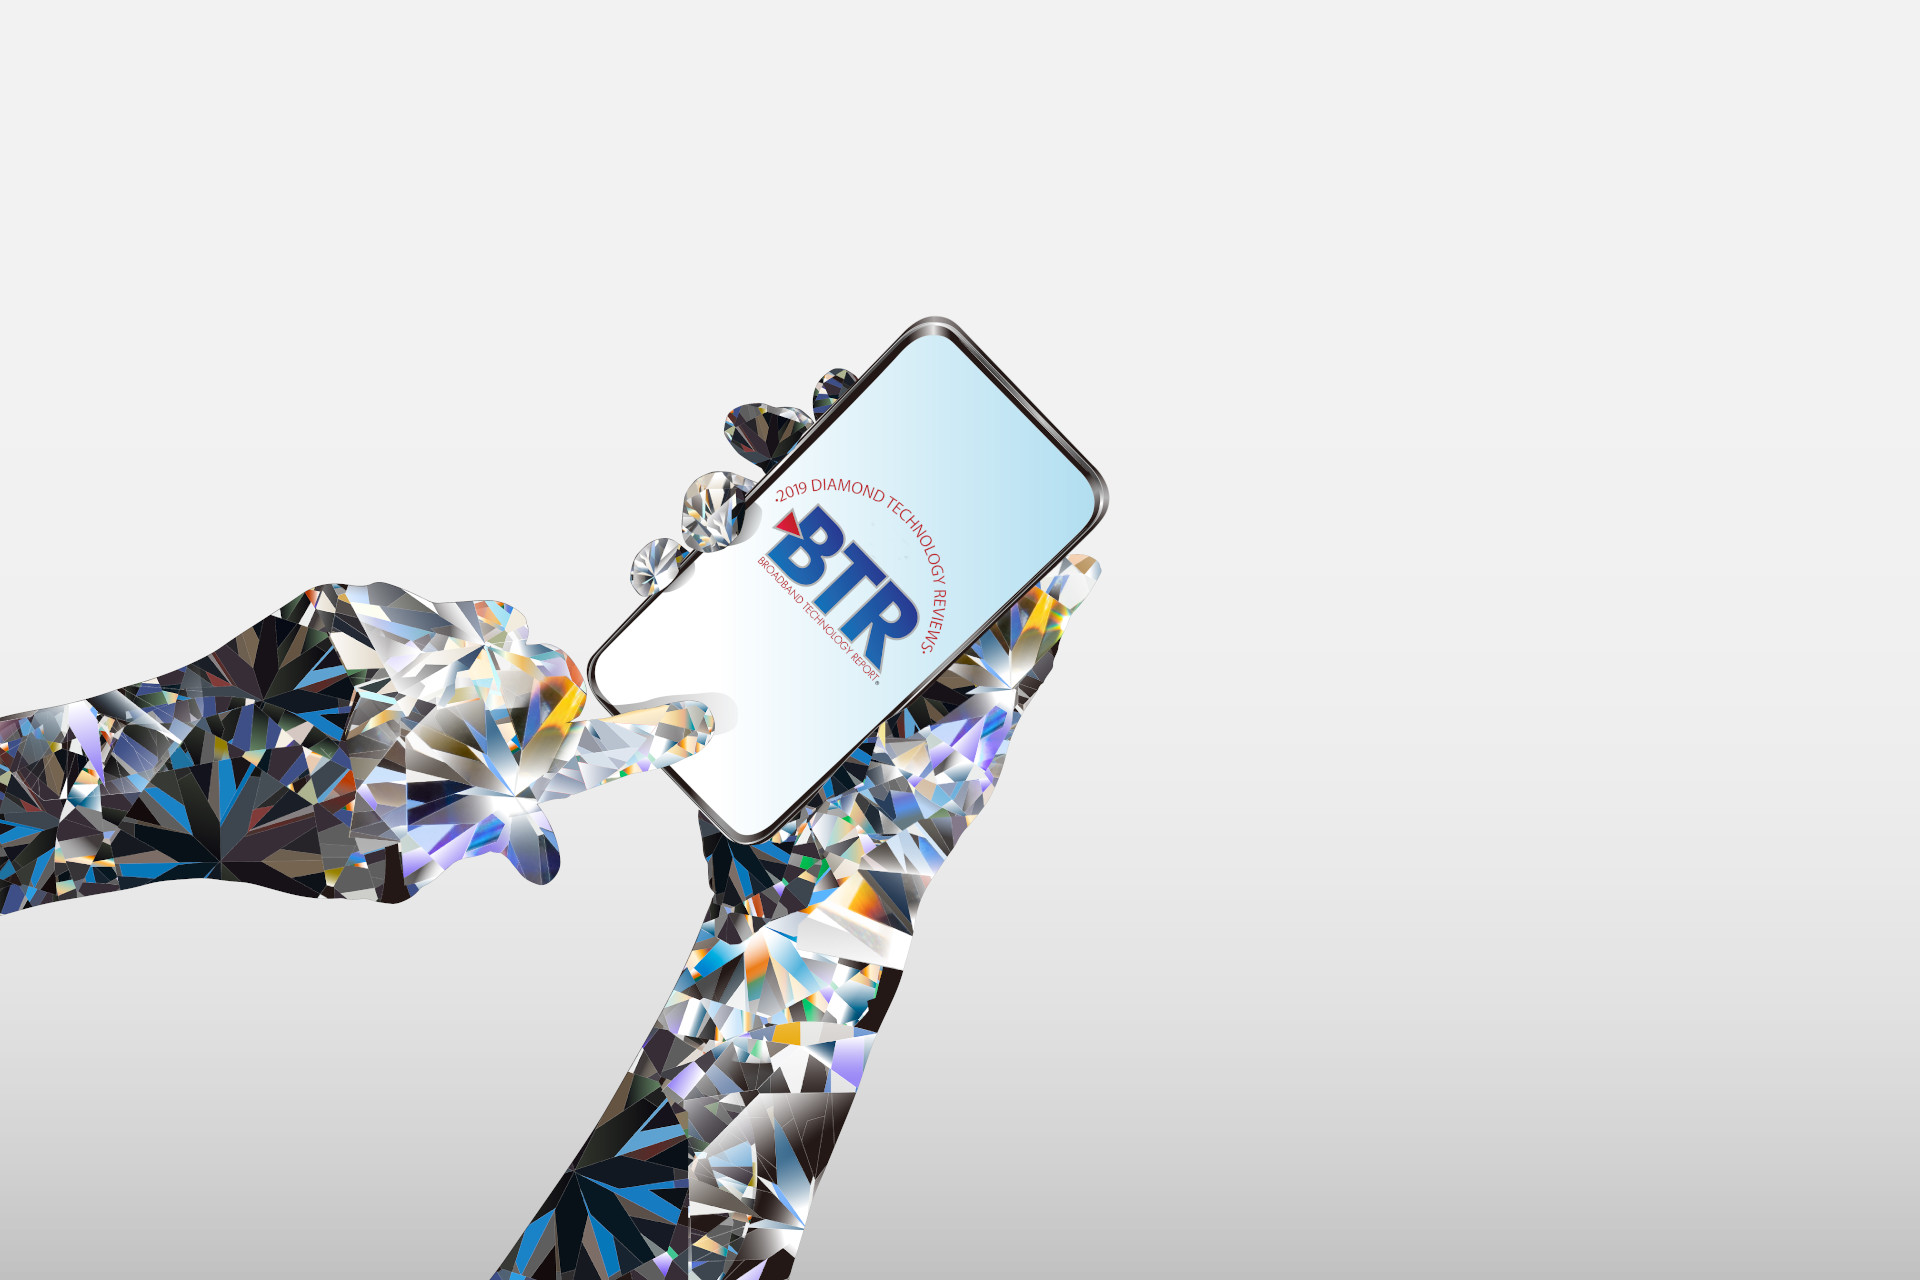 btr-diamond-technology-review-2019-award-blog